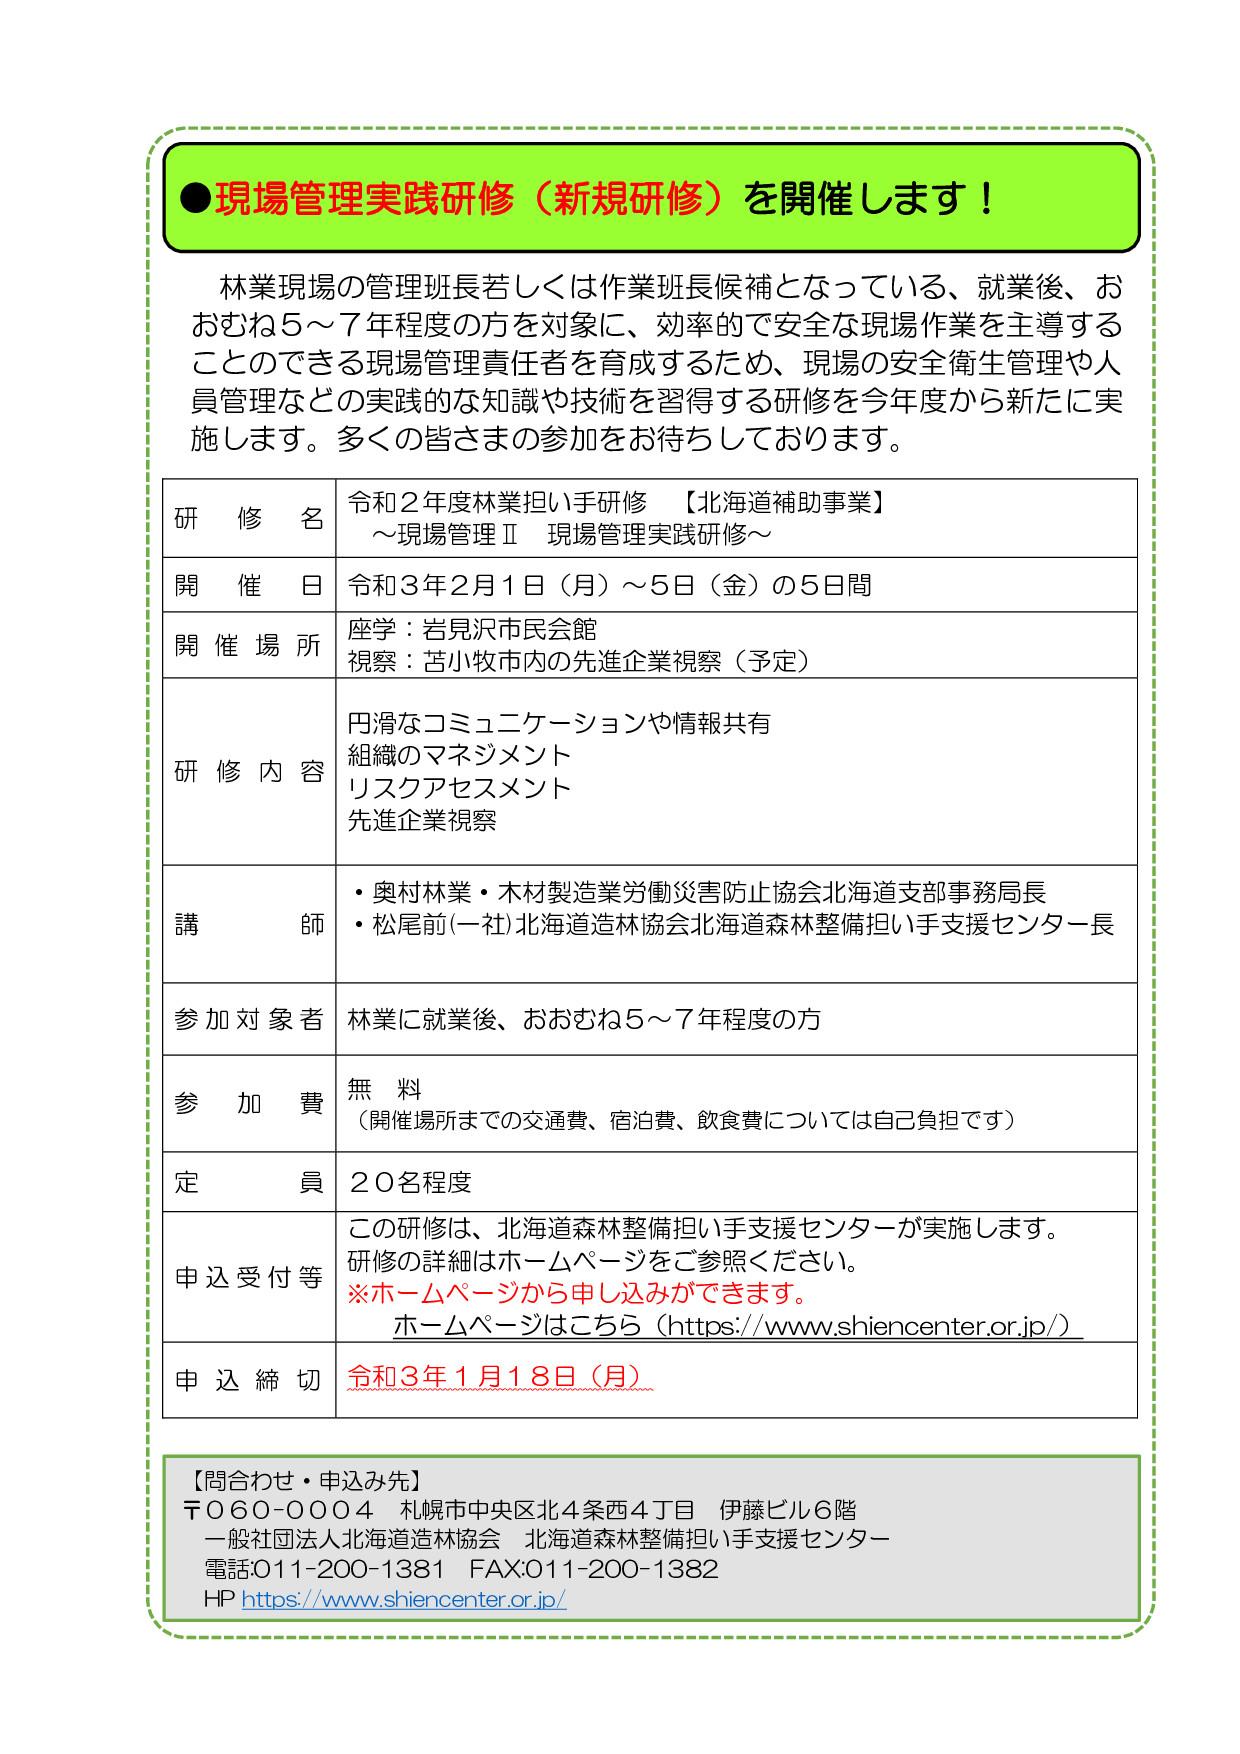 現場管理Ⅱ 研修概要.jpg